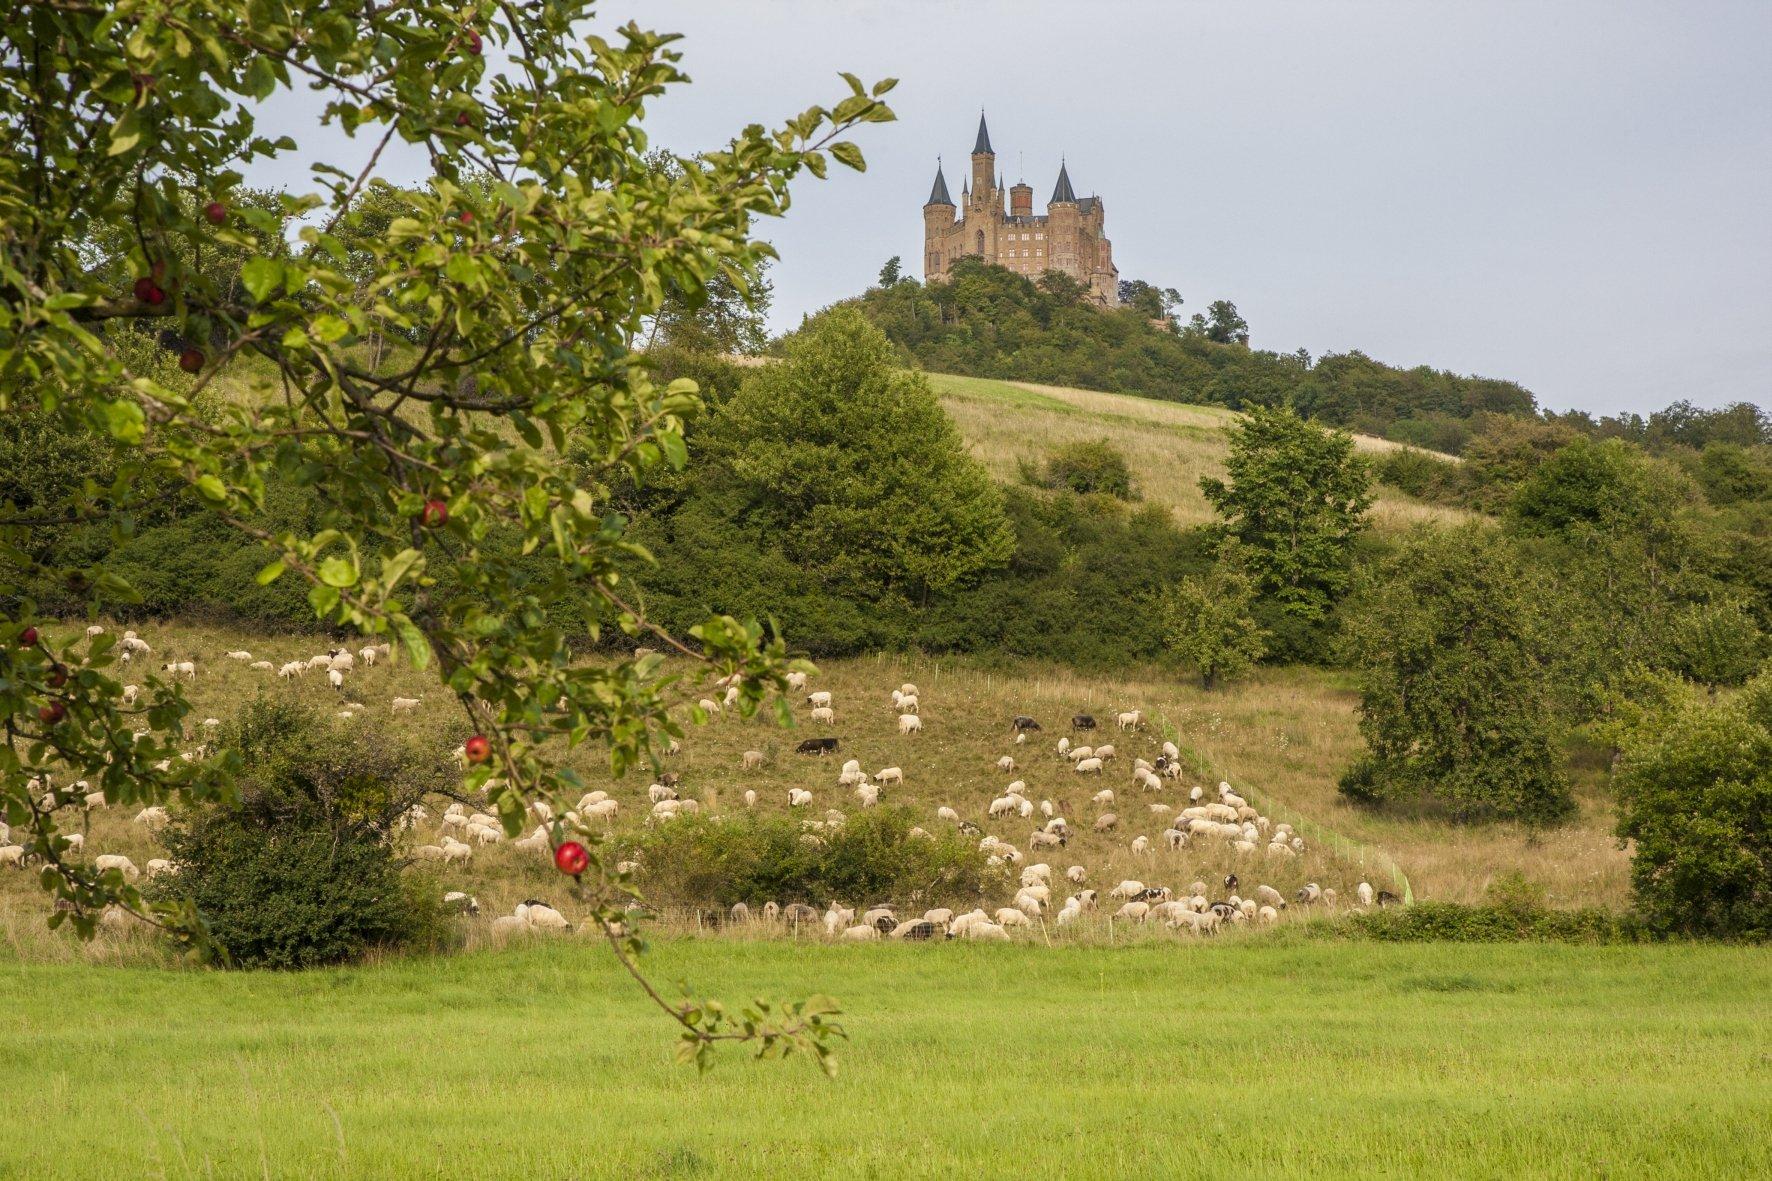 Schafherde am Fuße der Burg Hohenzollern